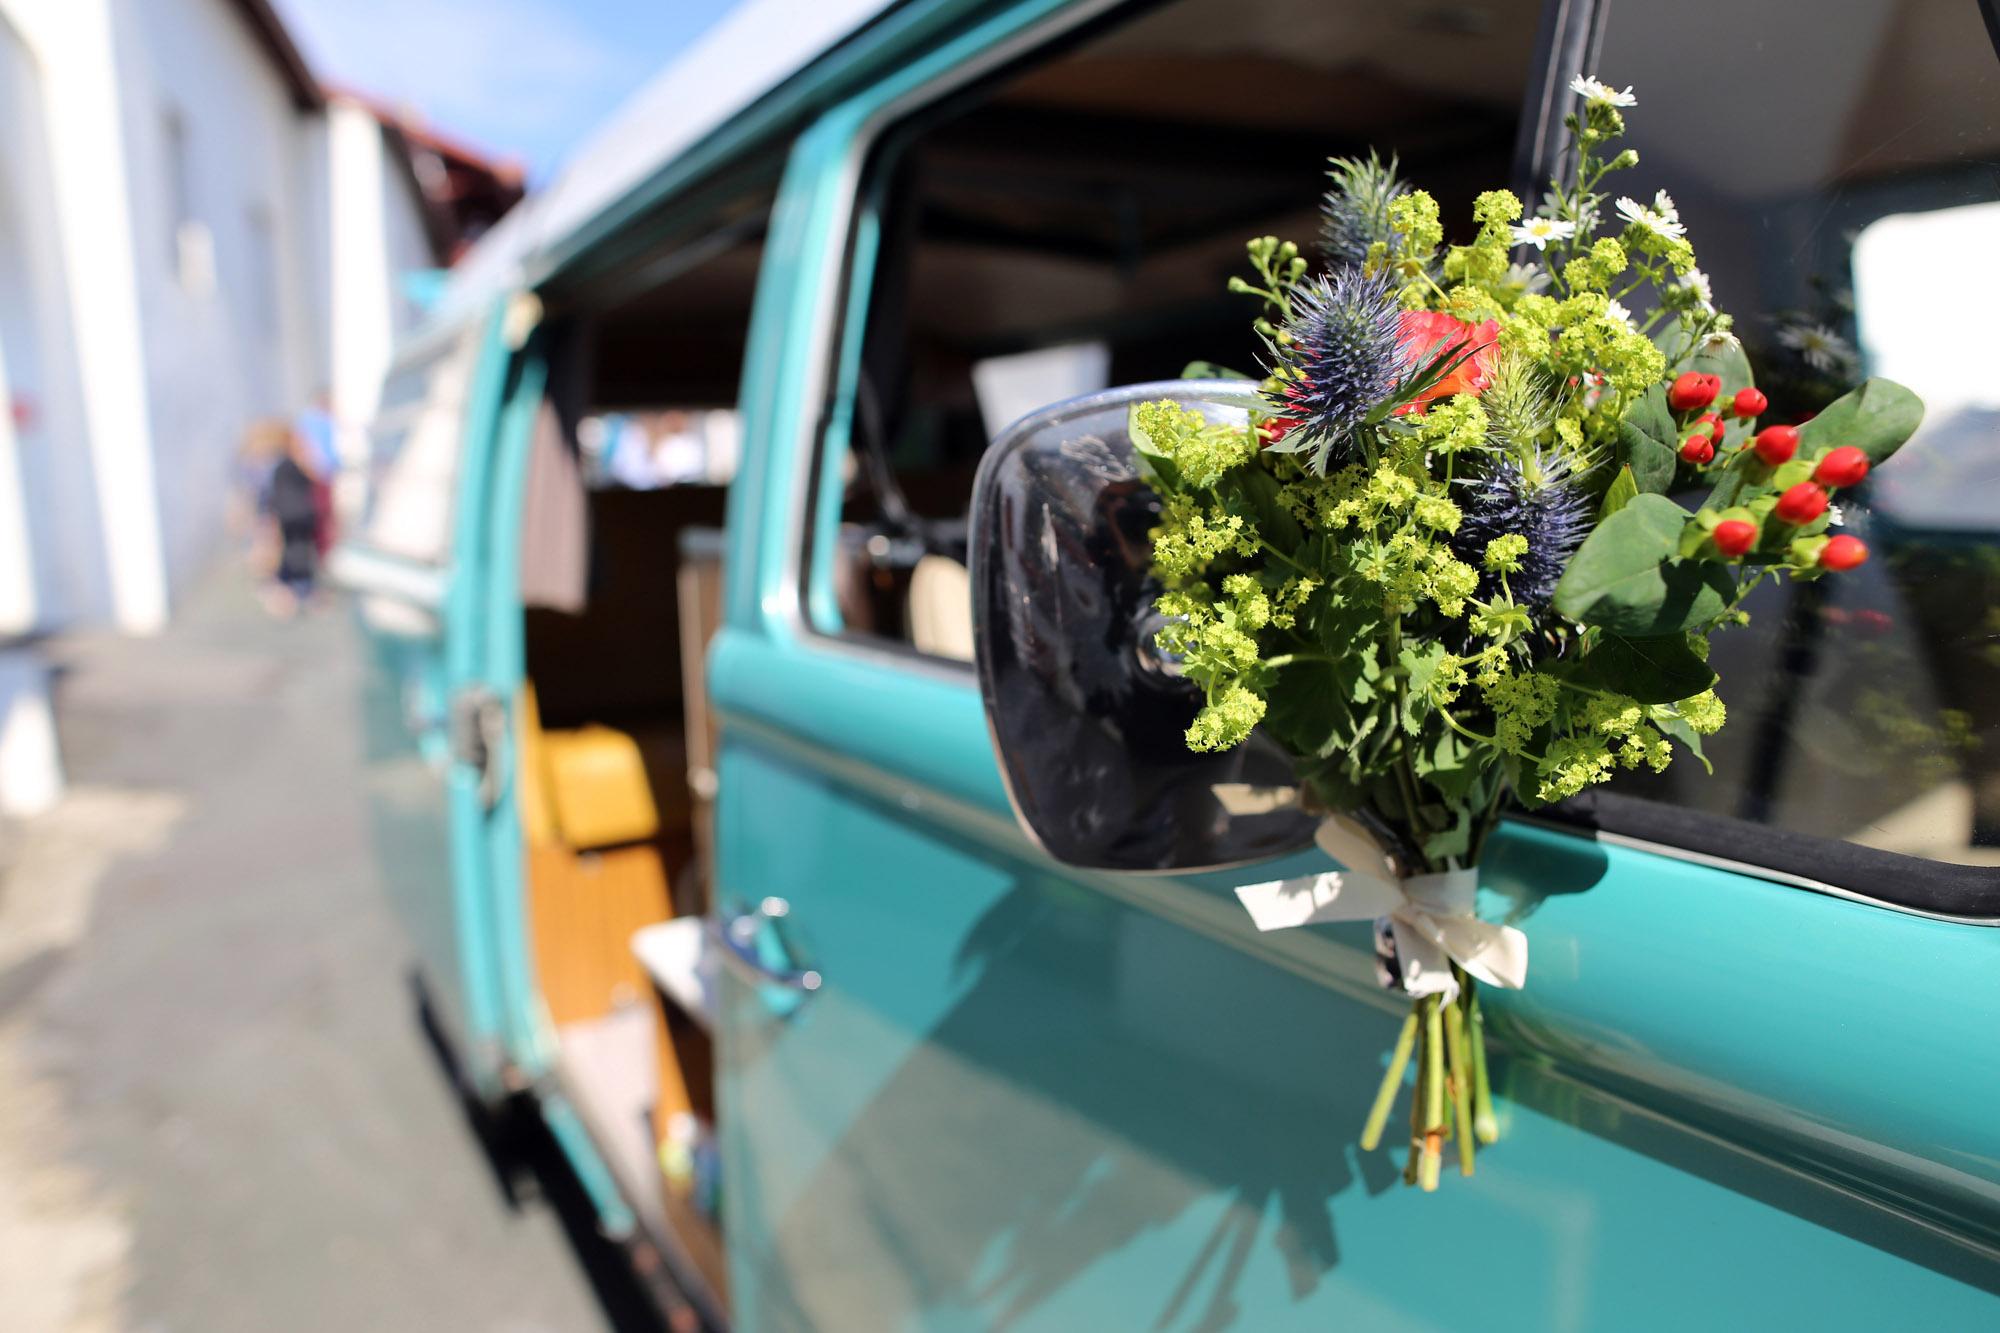 fleuriste-mariage-64-photographe-Sylvain-Mariotto-landes-pays-basque-02